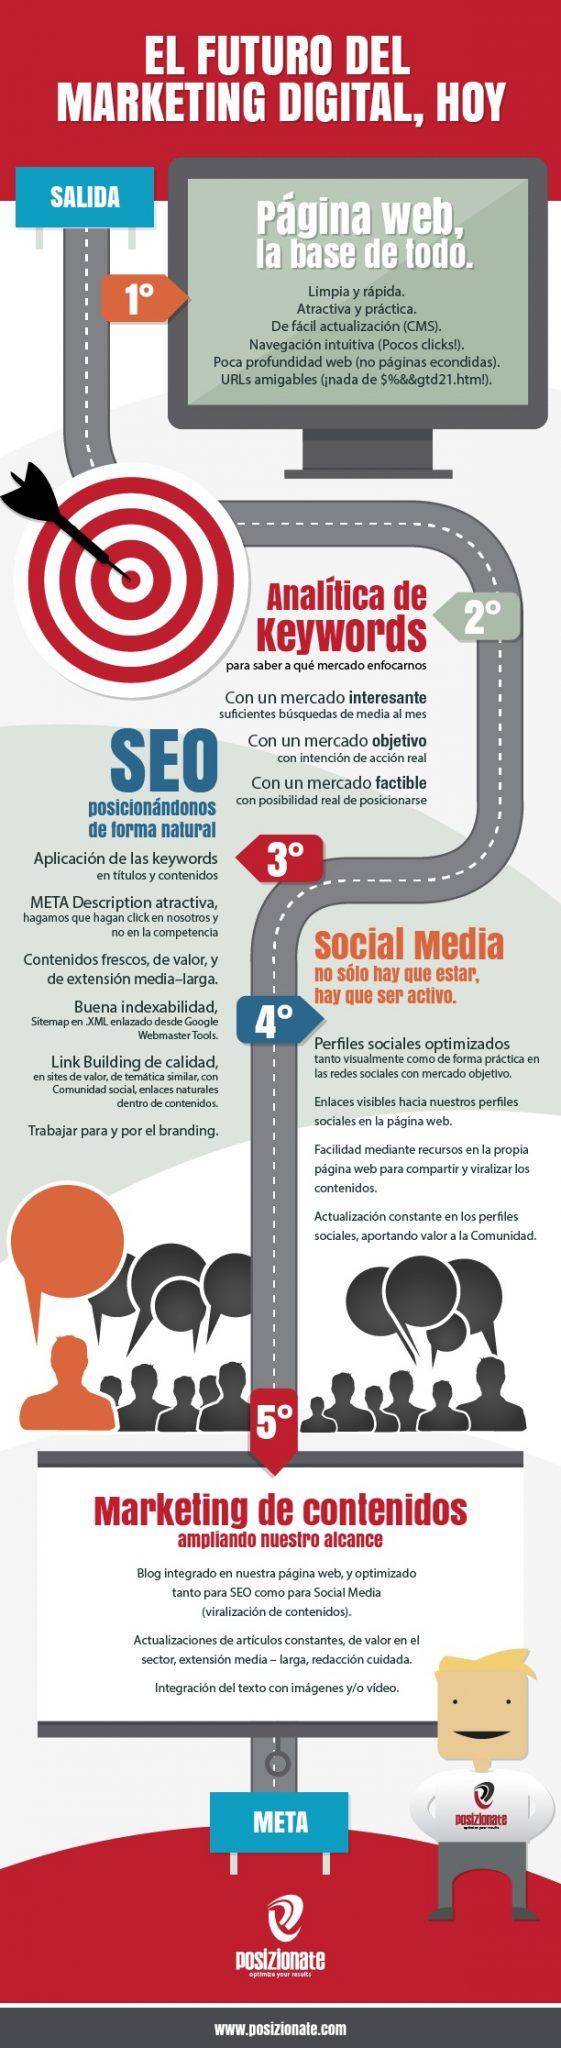 5 consejos para novatos sobre el Marketing Digital #Infografía.